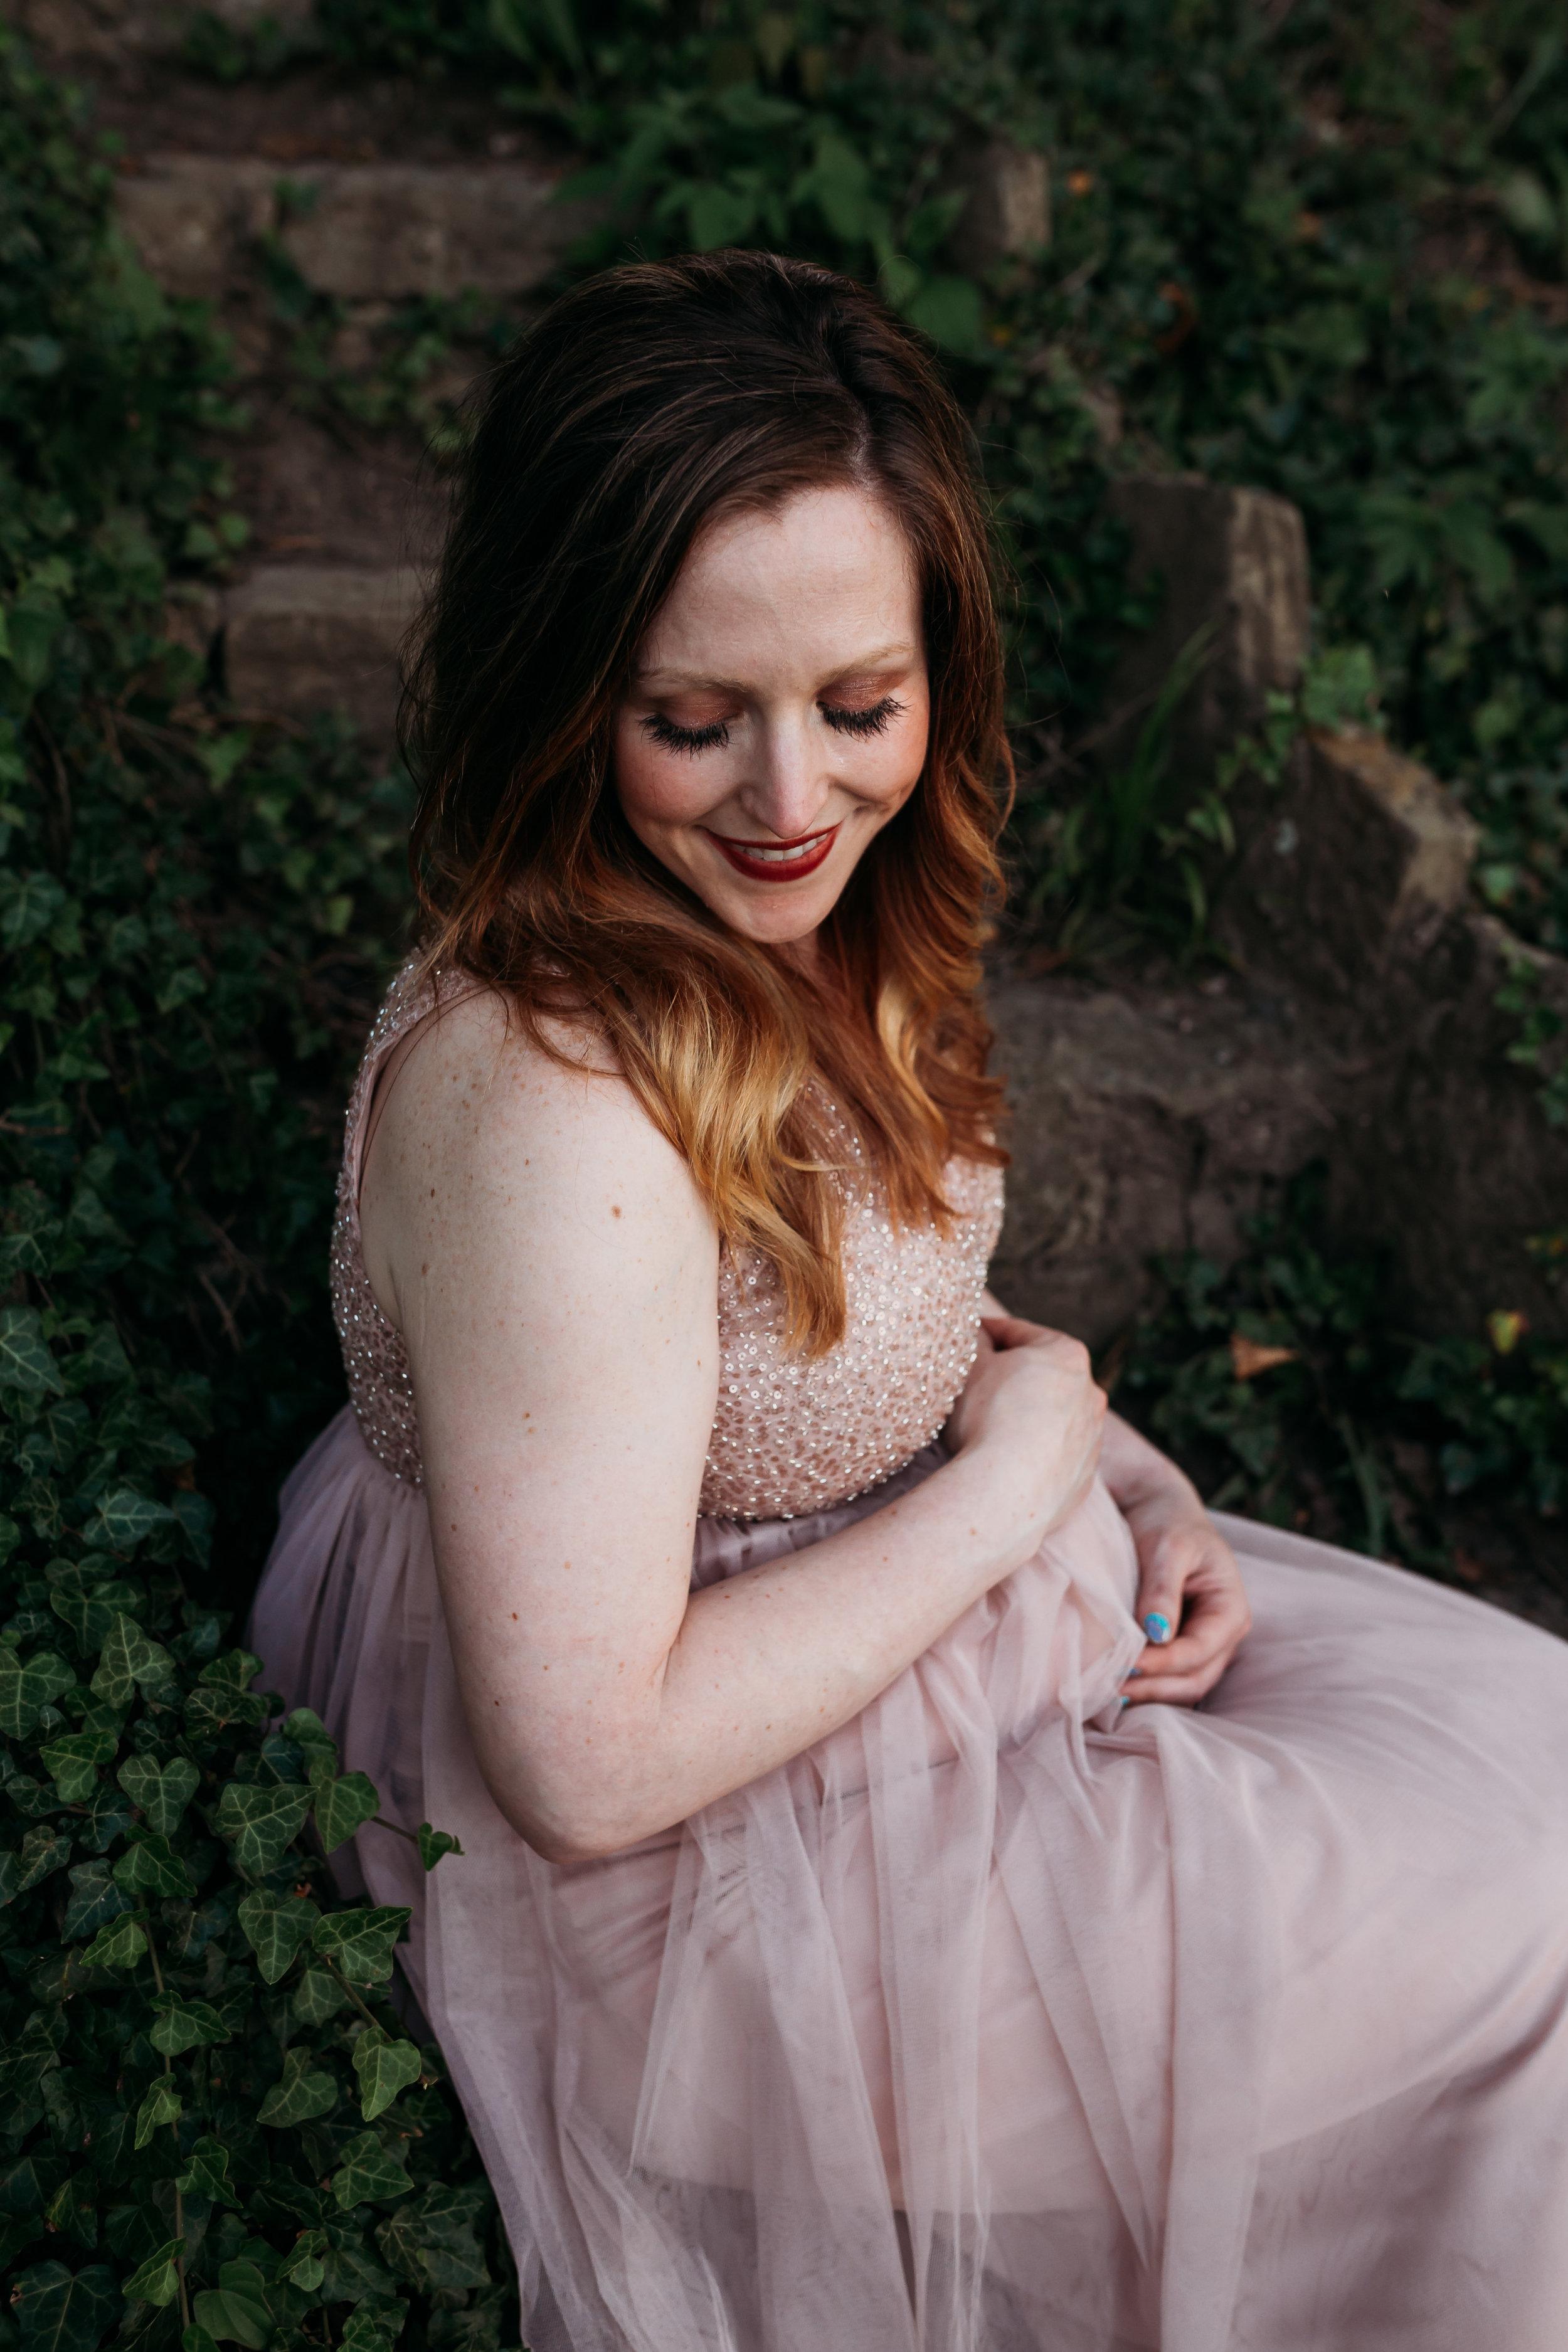 Lindsay_Morrison_Maternity69.jpg